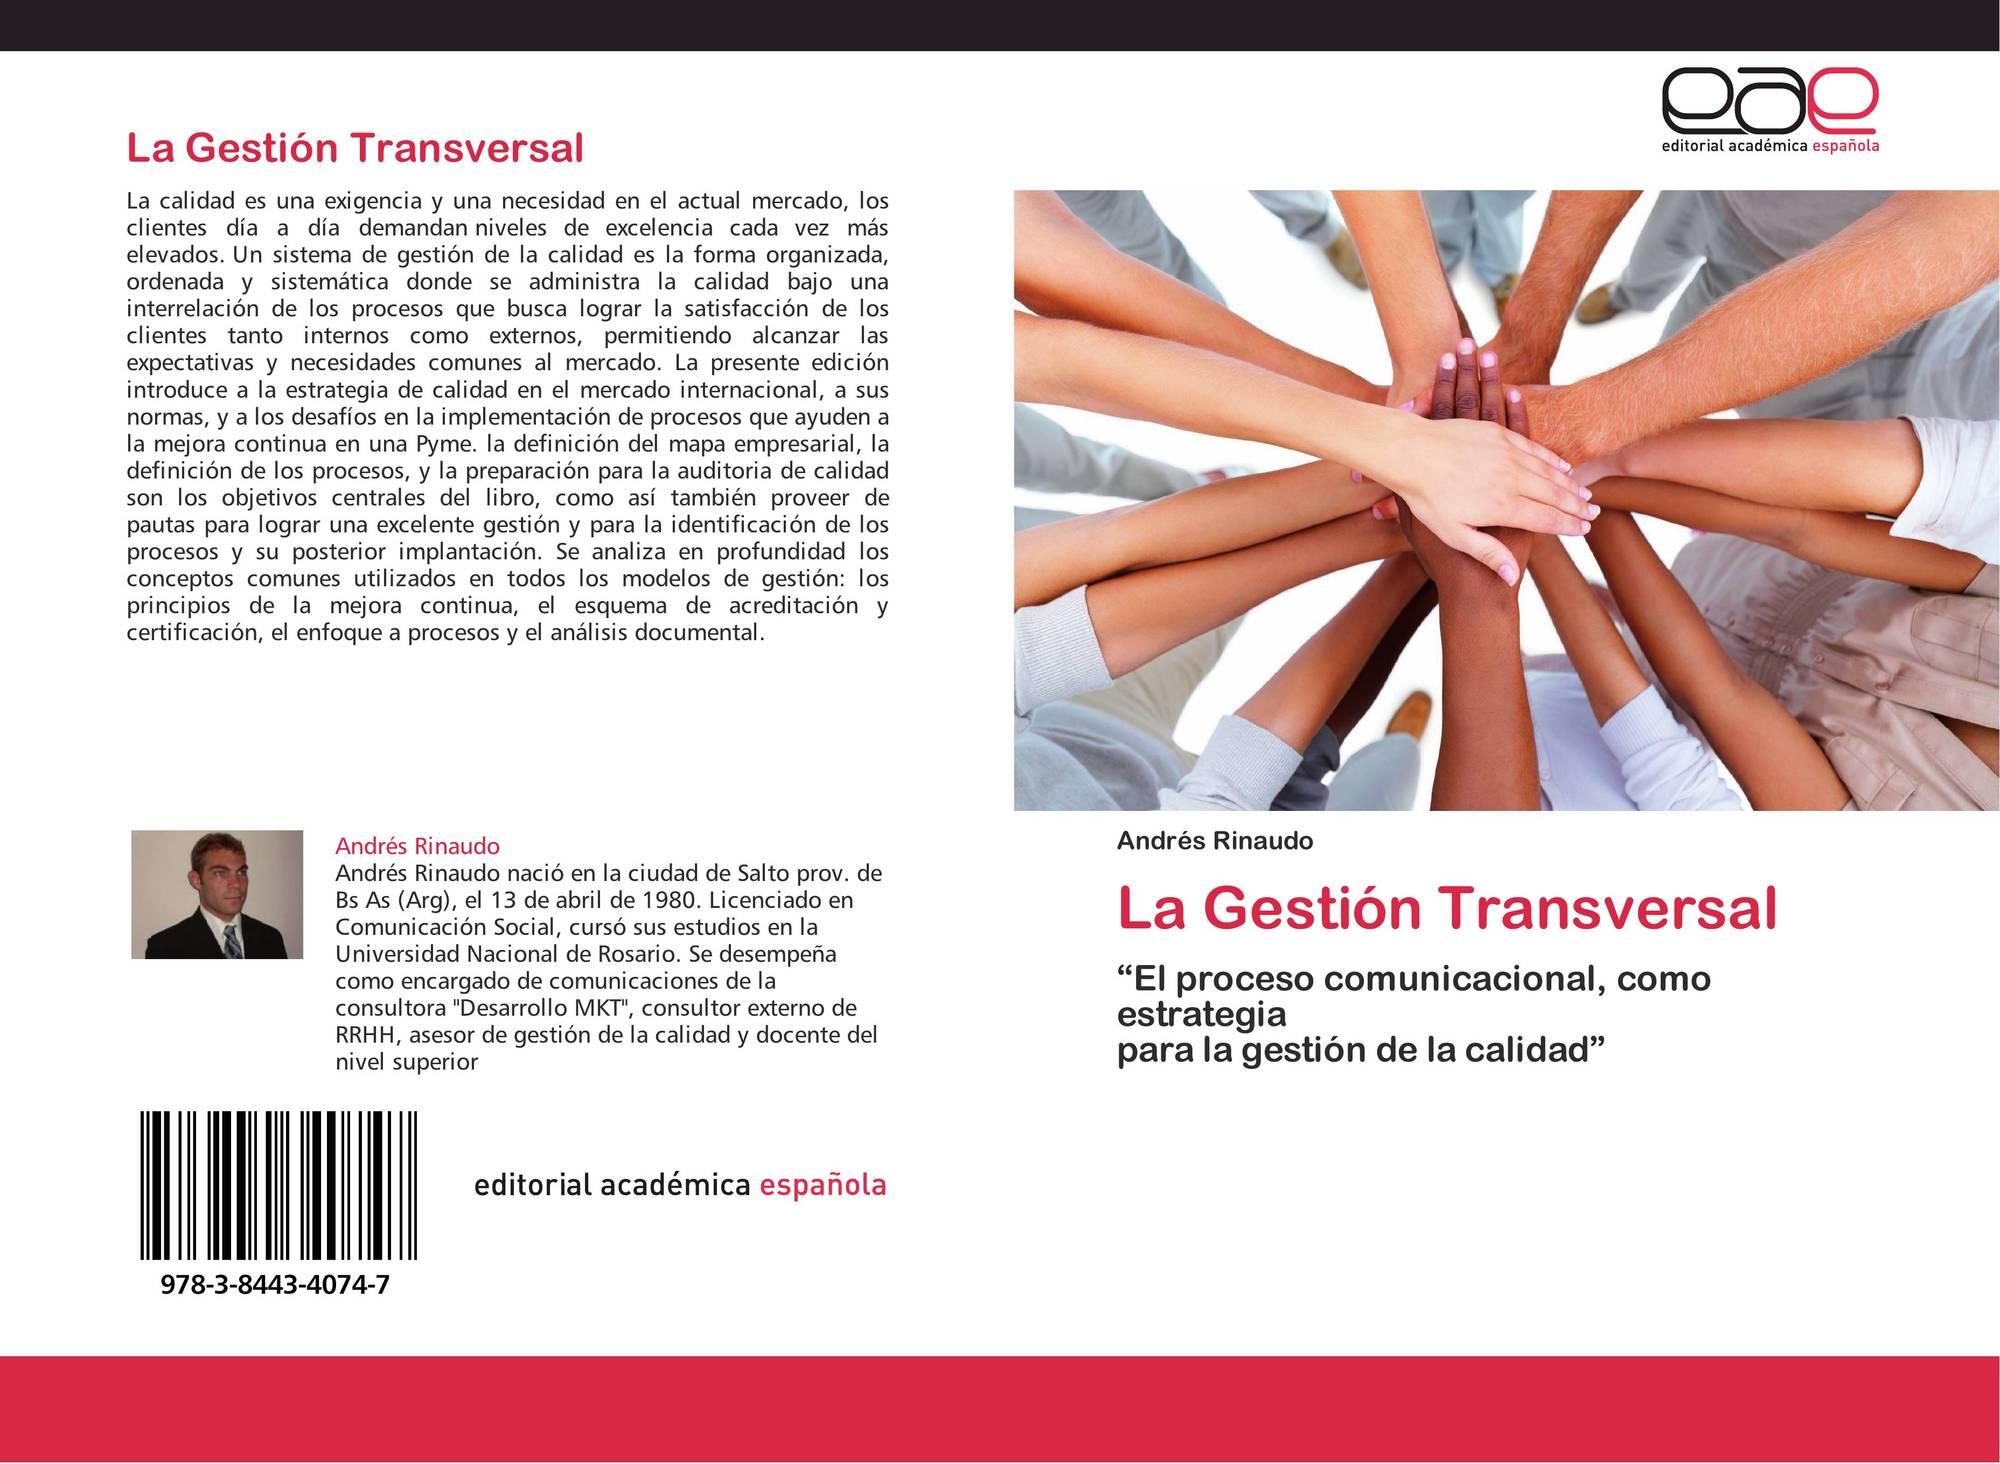 La Gestión Transversal, 978-3-8443-4074-7, 3844340742 ,9783844340747 ...